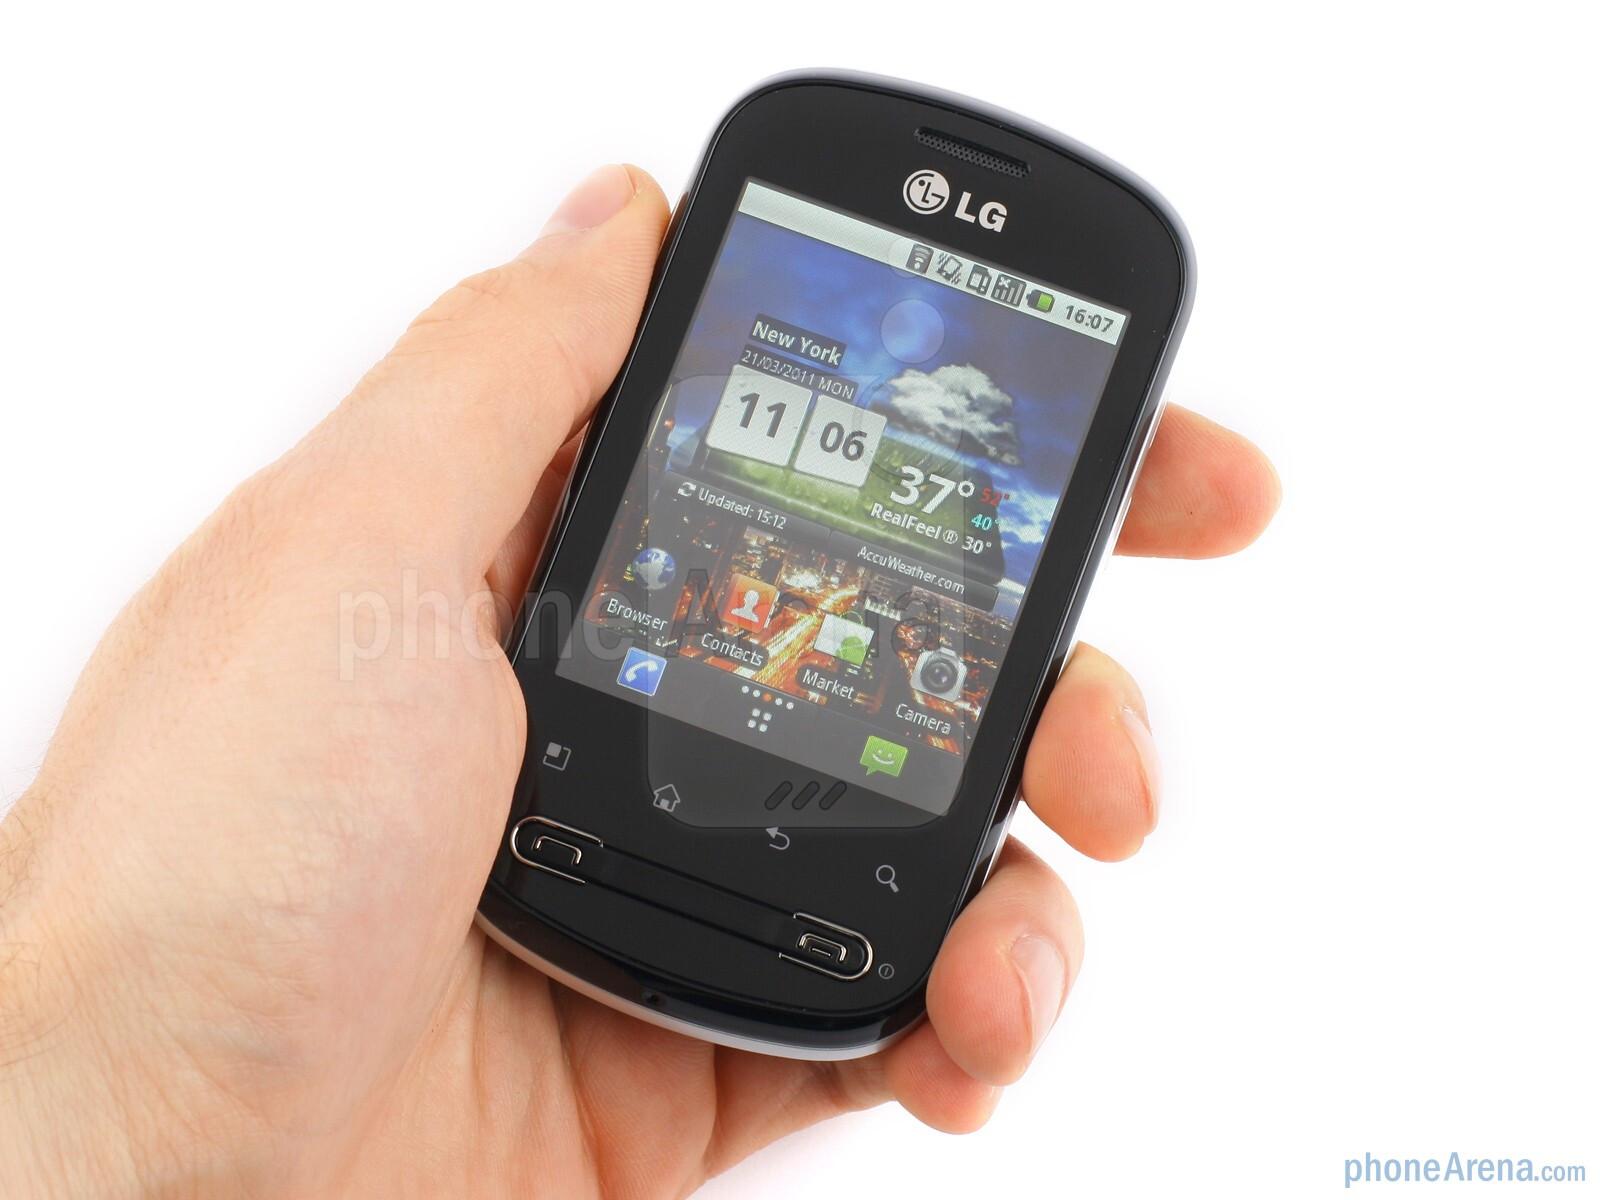 lg optimus me p350 review rh phonearena com LG Television Manual LG Flip Phone Manual